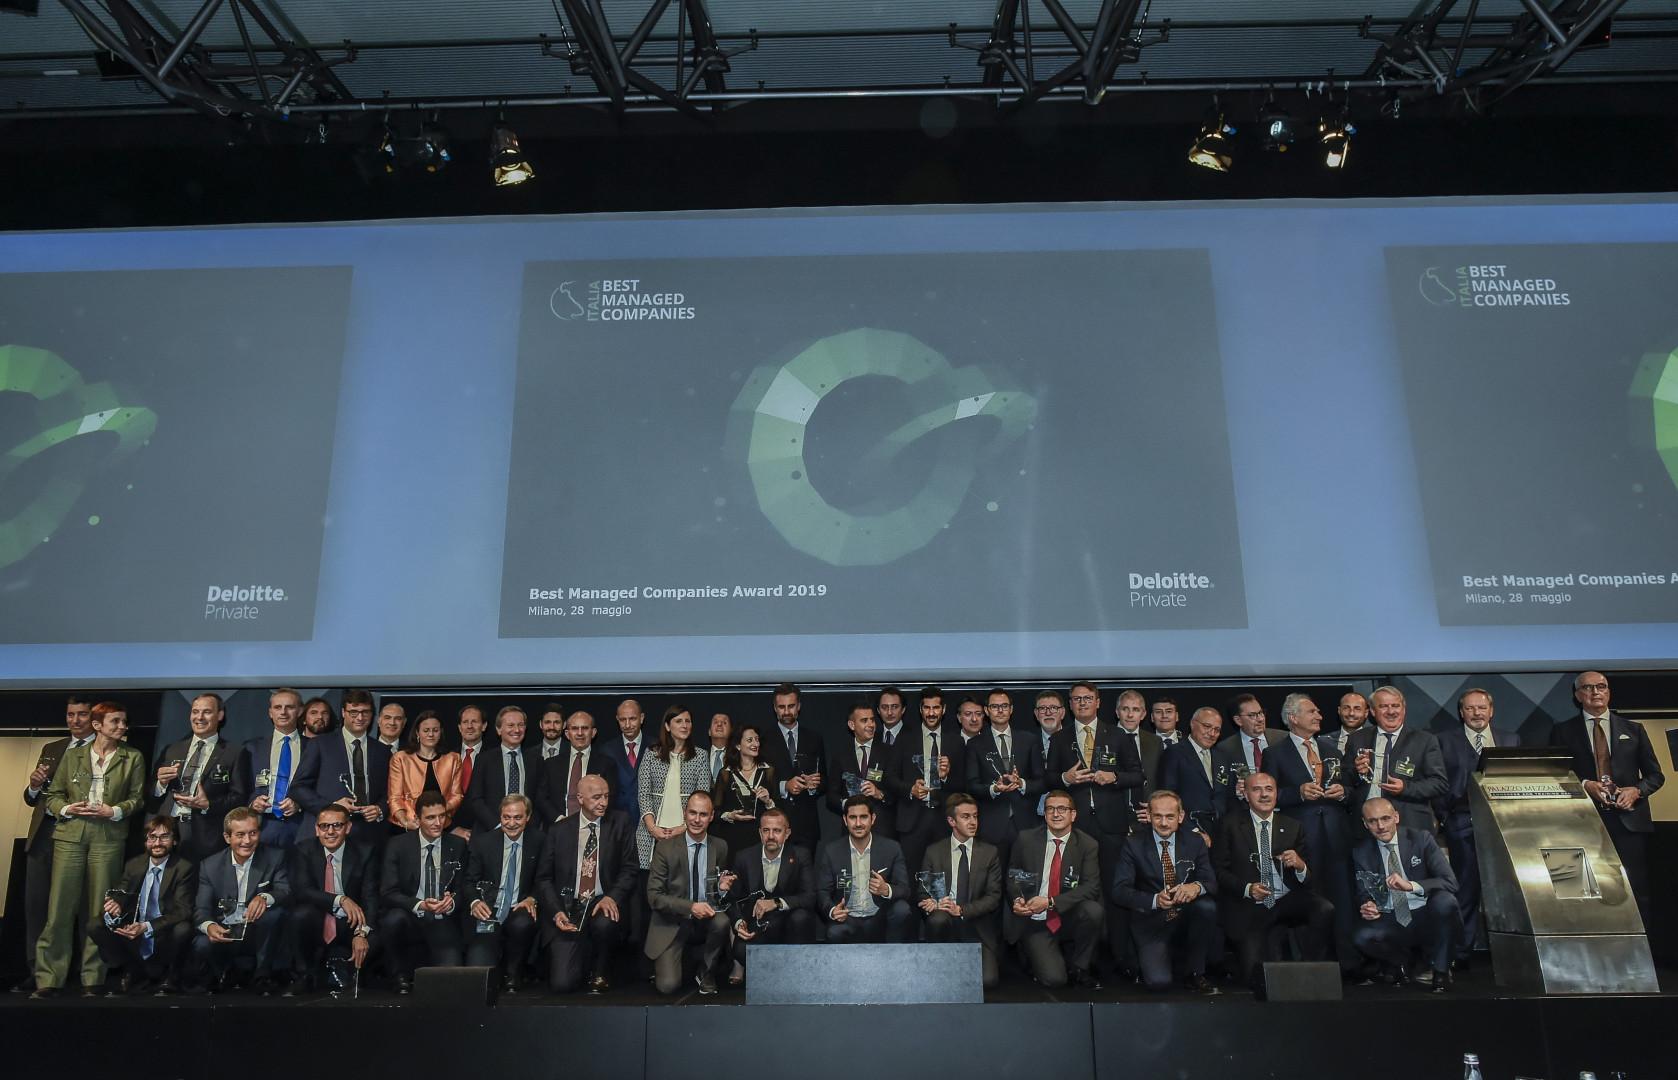 Uroczystość wręczenia nagród w rankingu Deloitte. Fot. Grupa Biesse